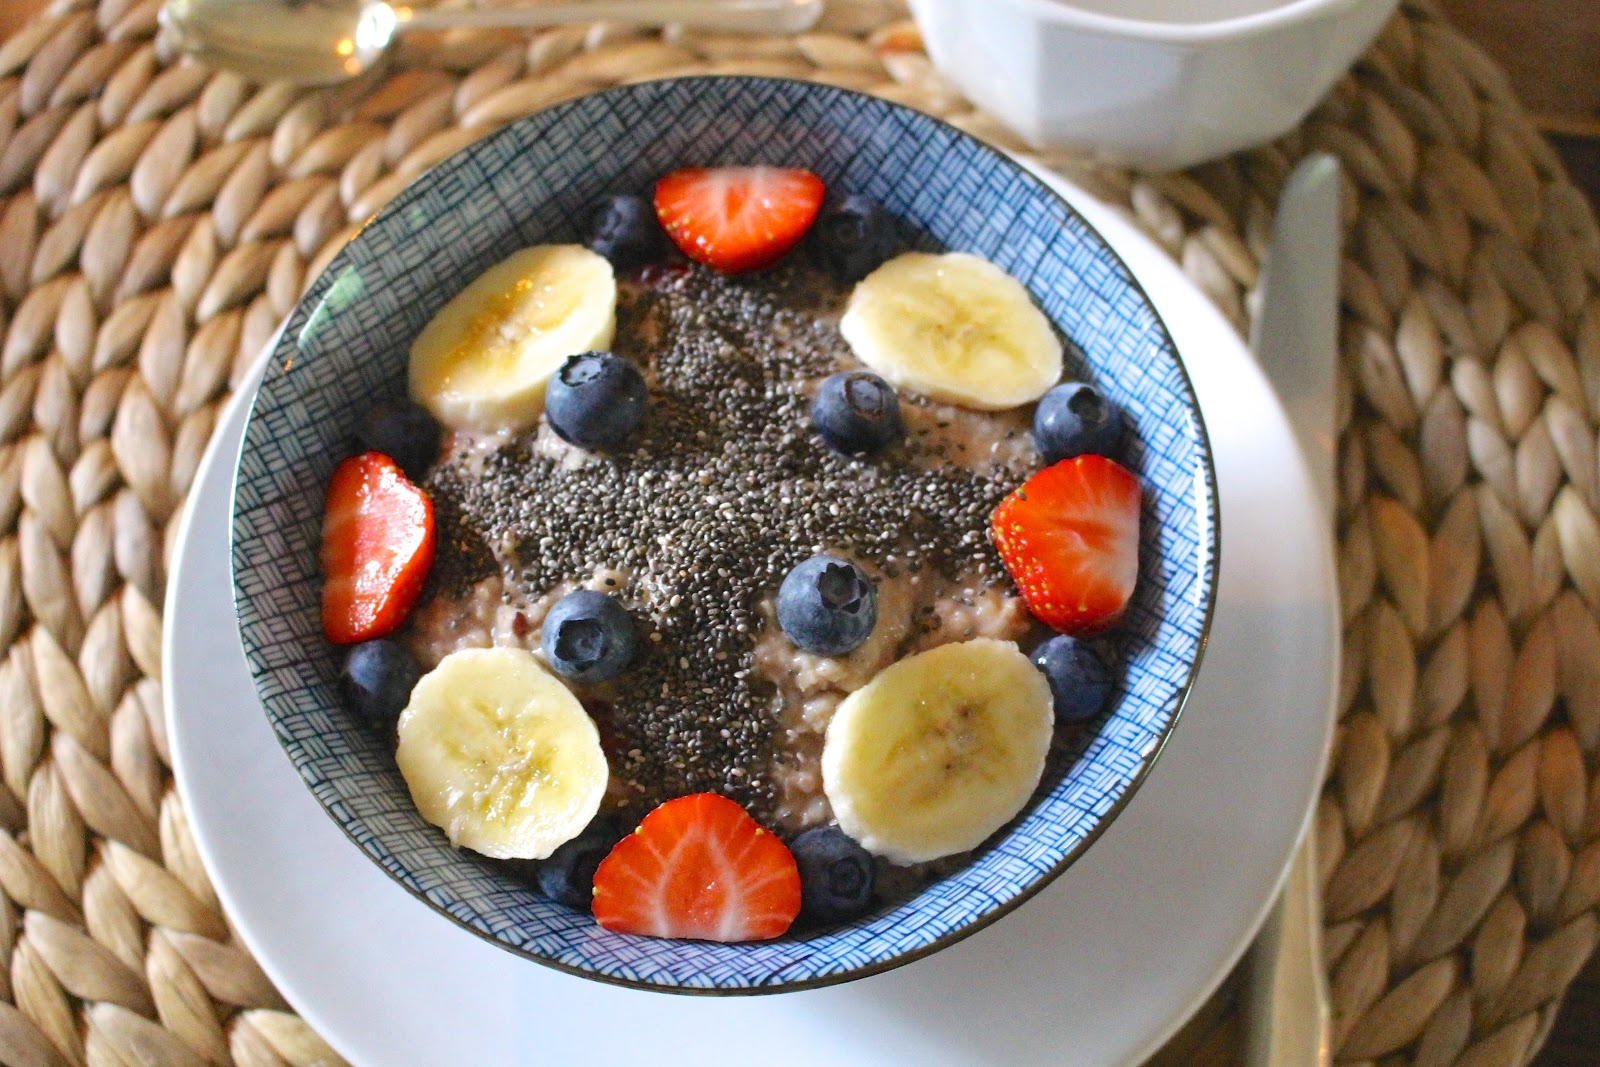 Vegan oatmeal porridge